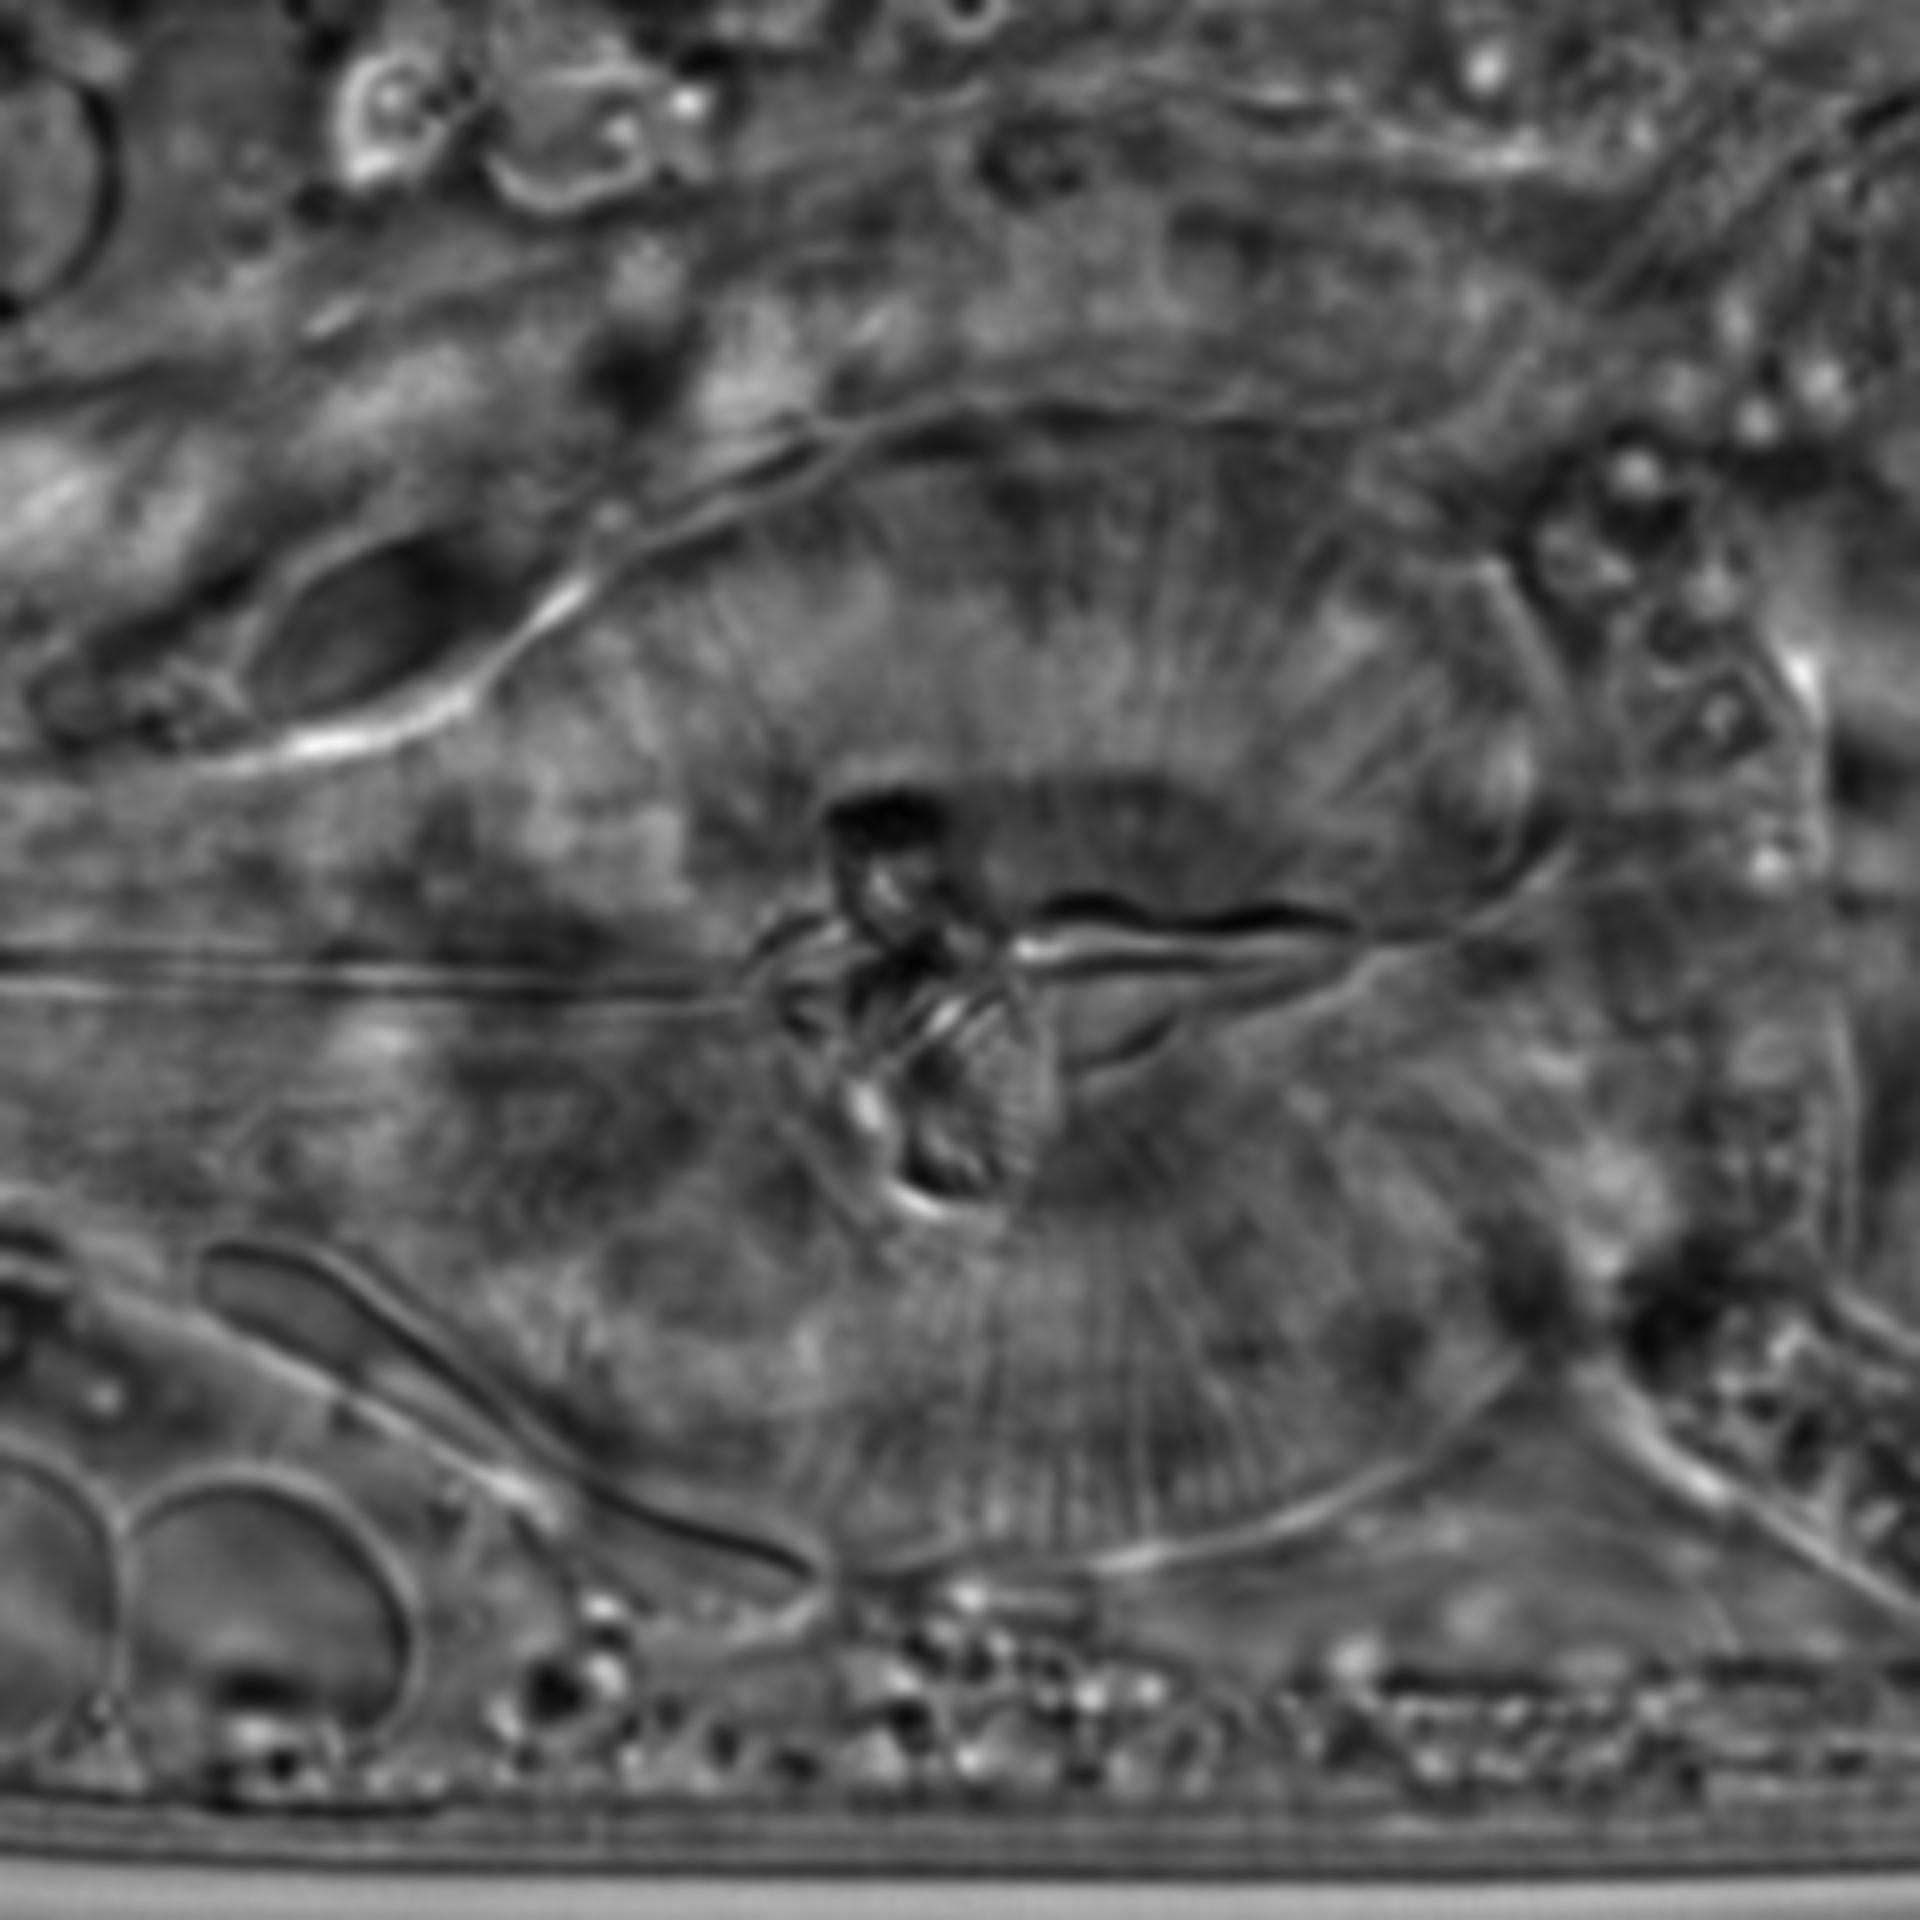 Caenorhabditis elegans - CIL:1588